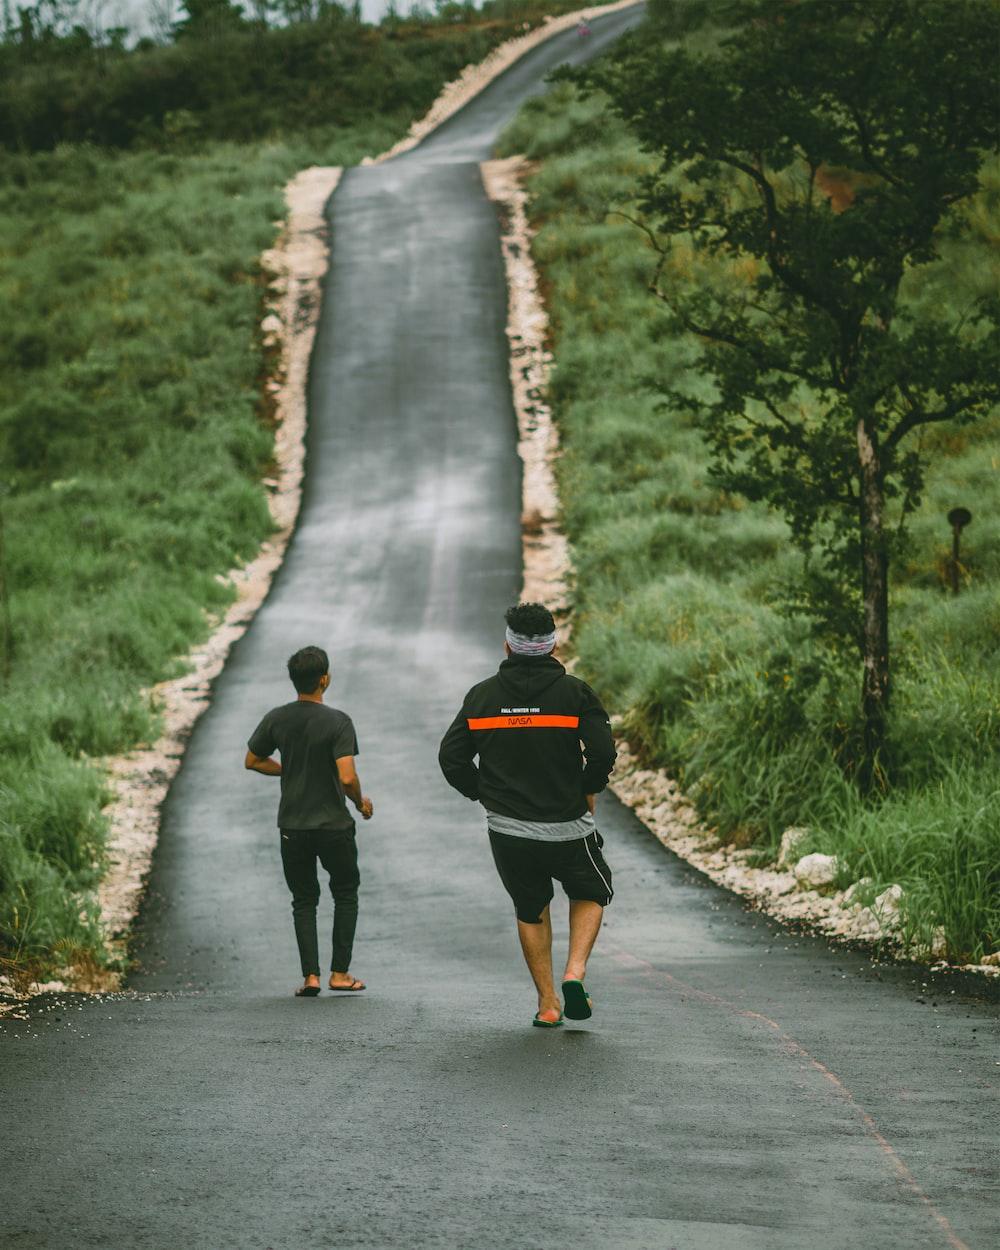 2 men walking on gray concrete road during daytime